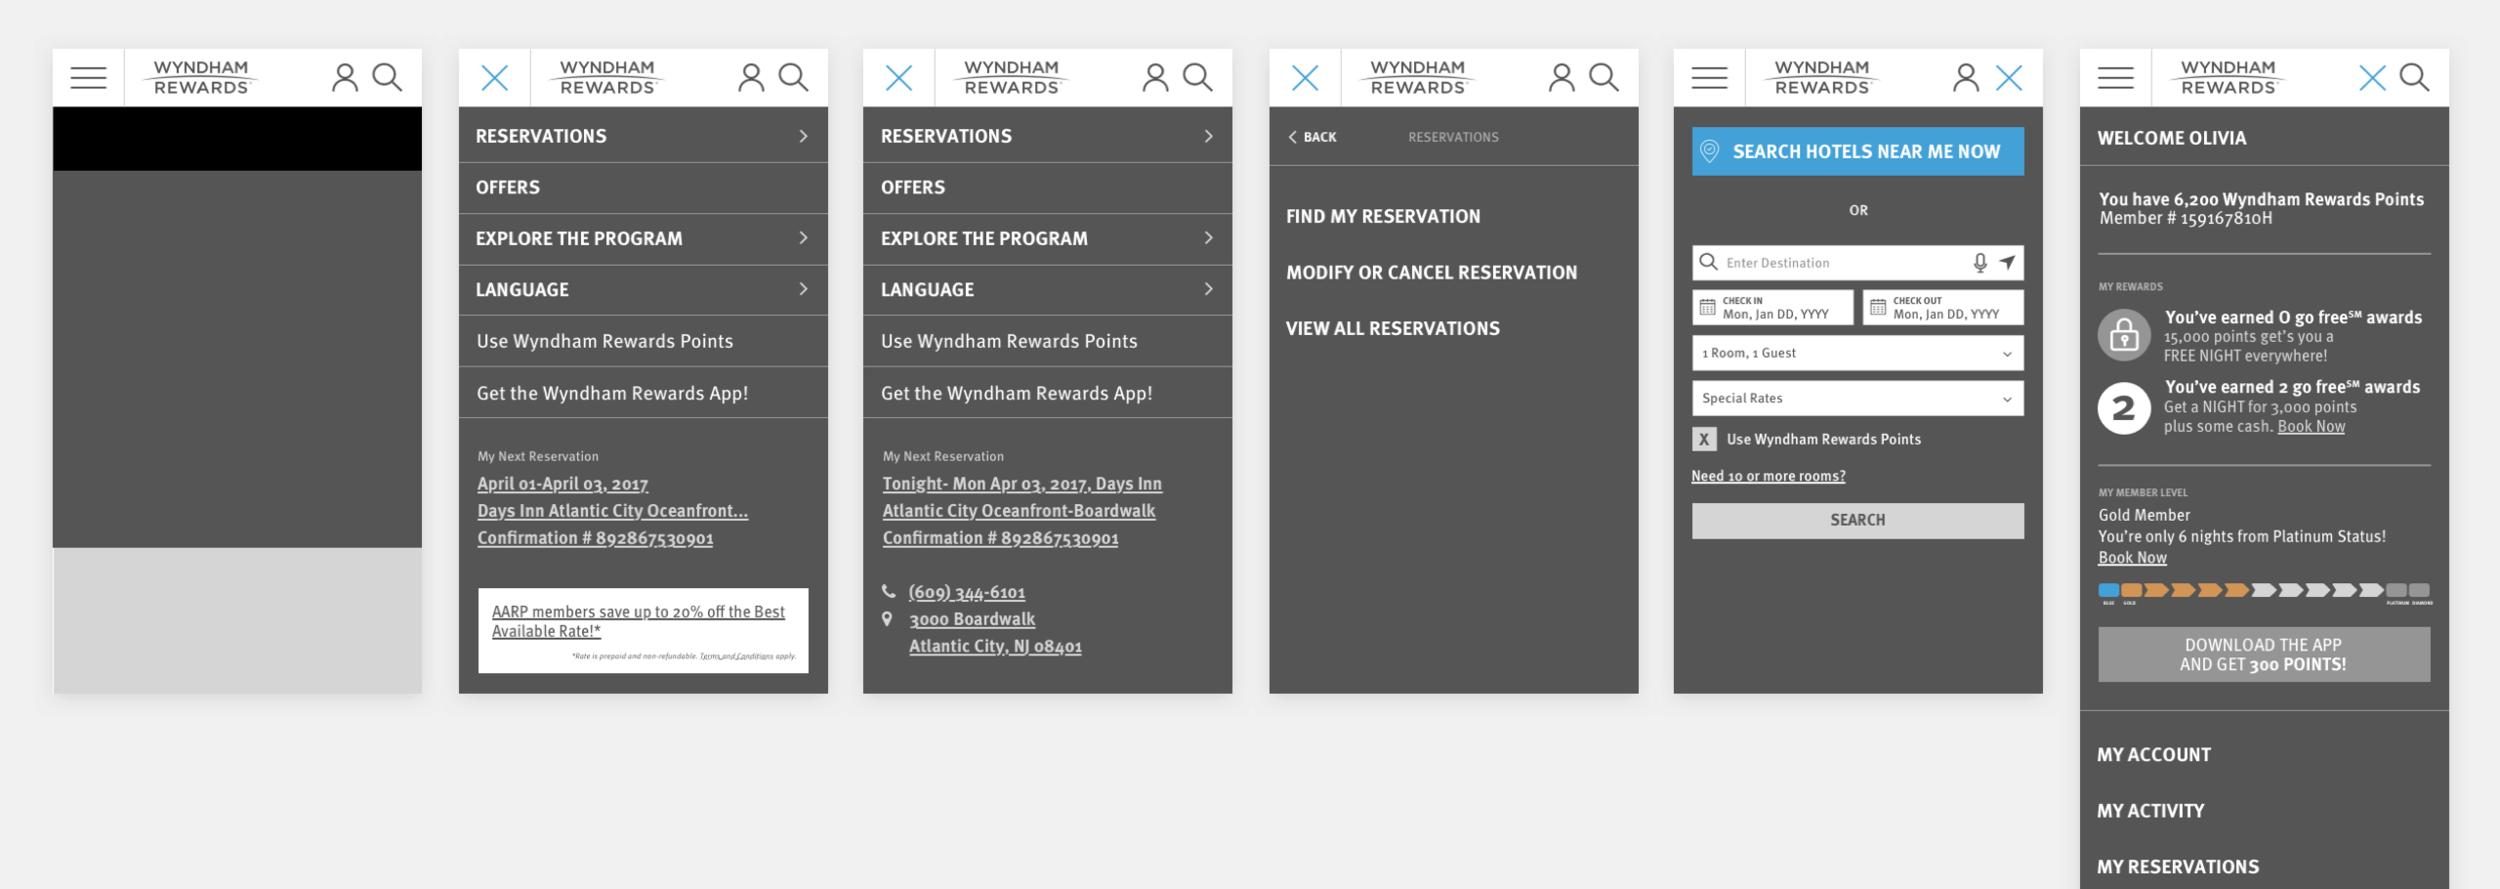 Wyn Rewards - Mobile Navigation.png